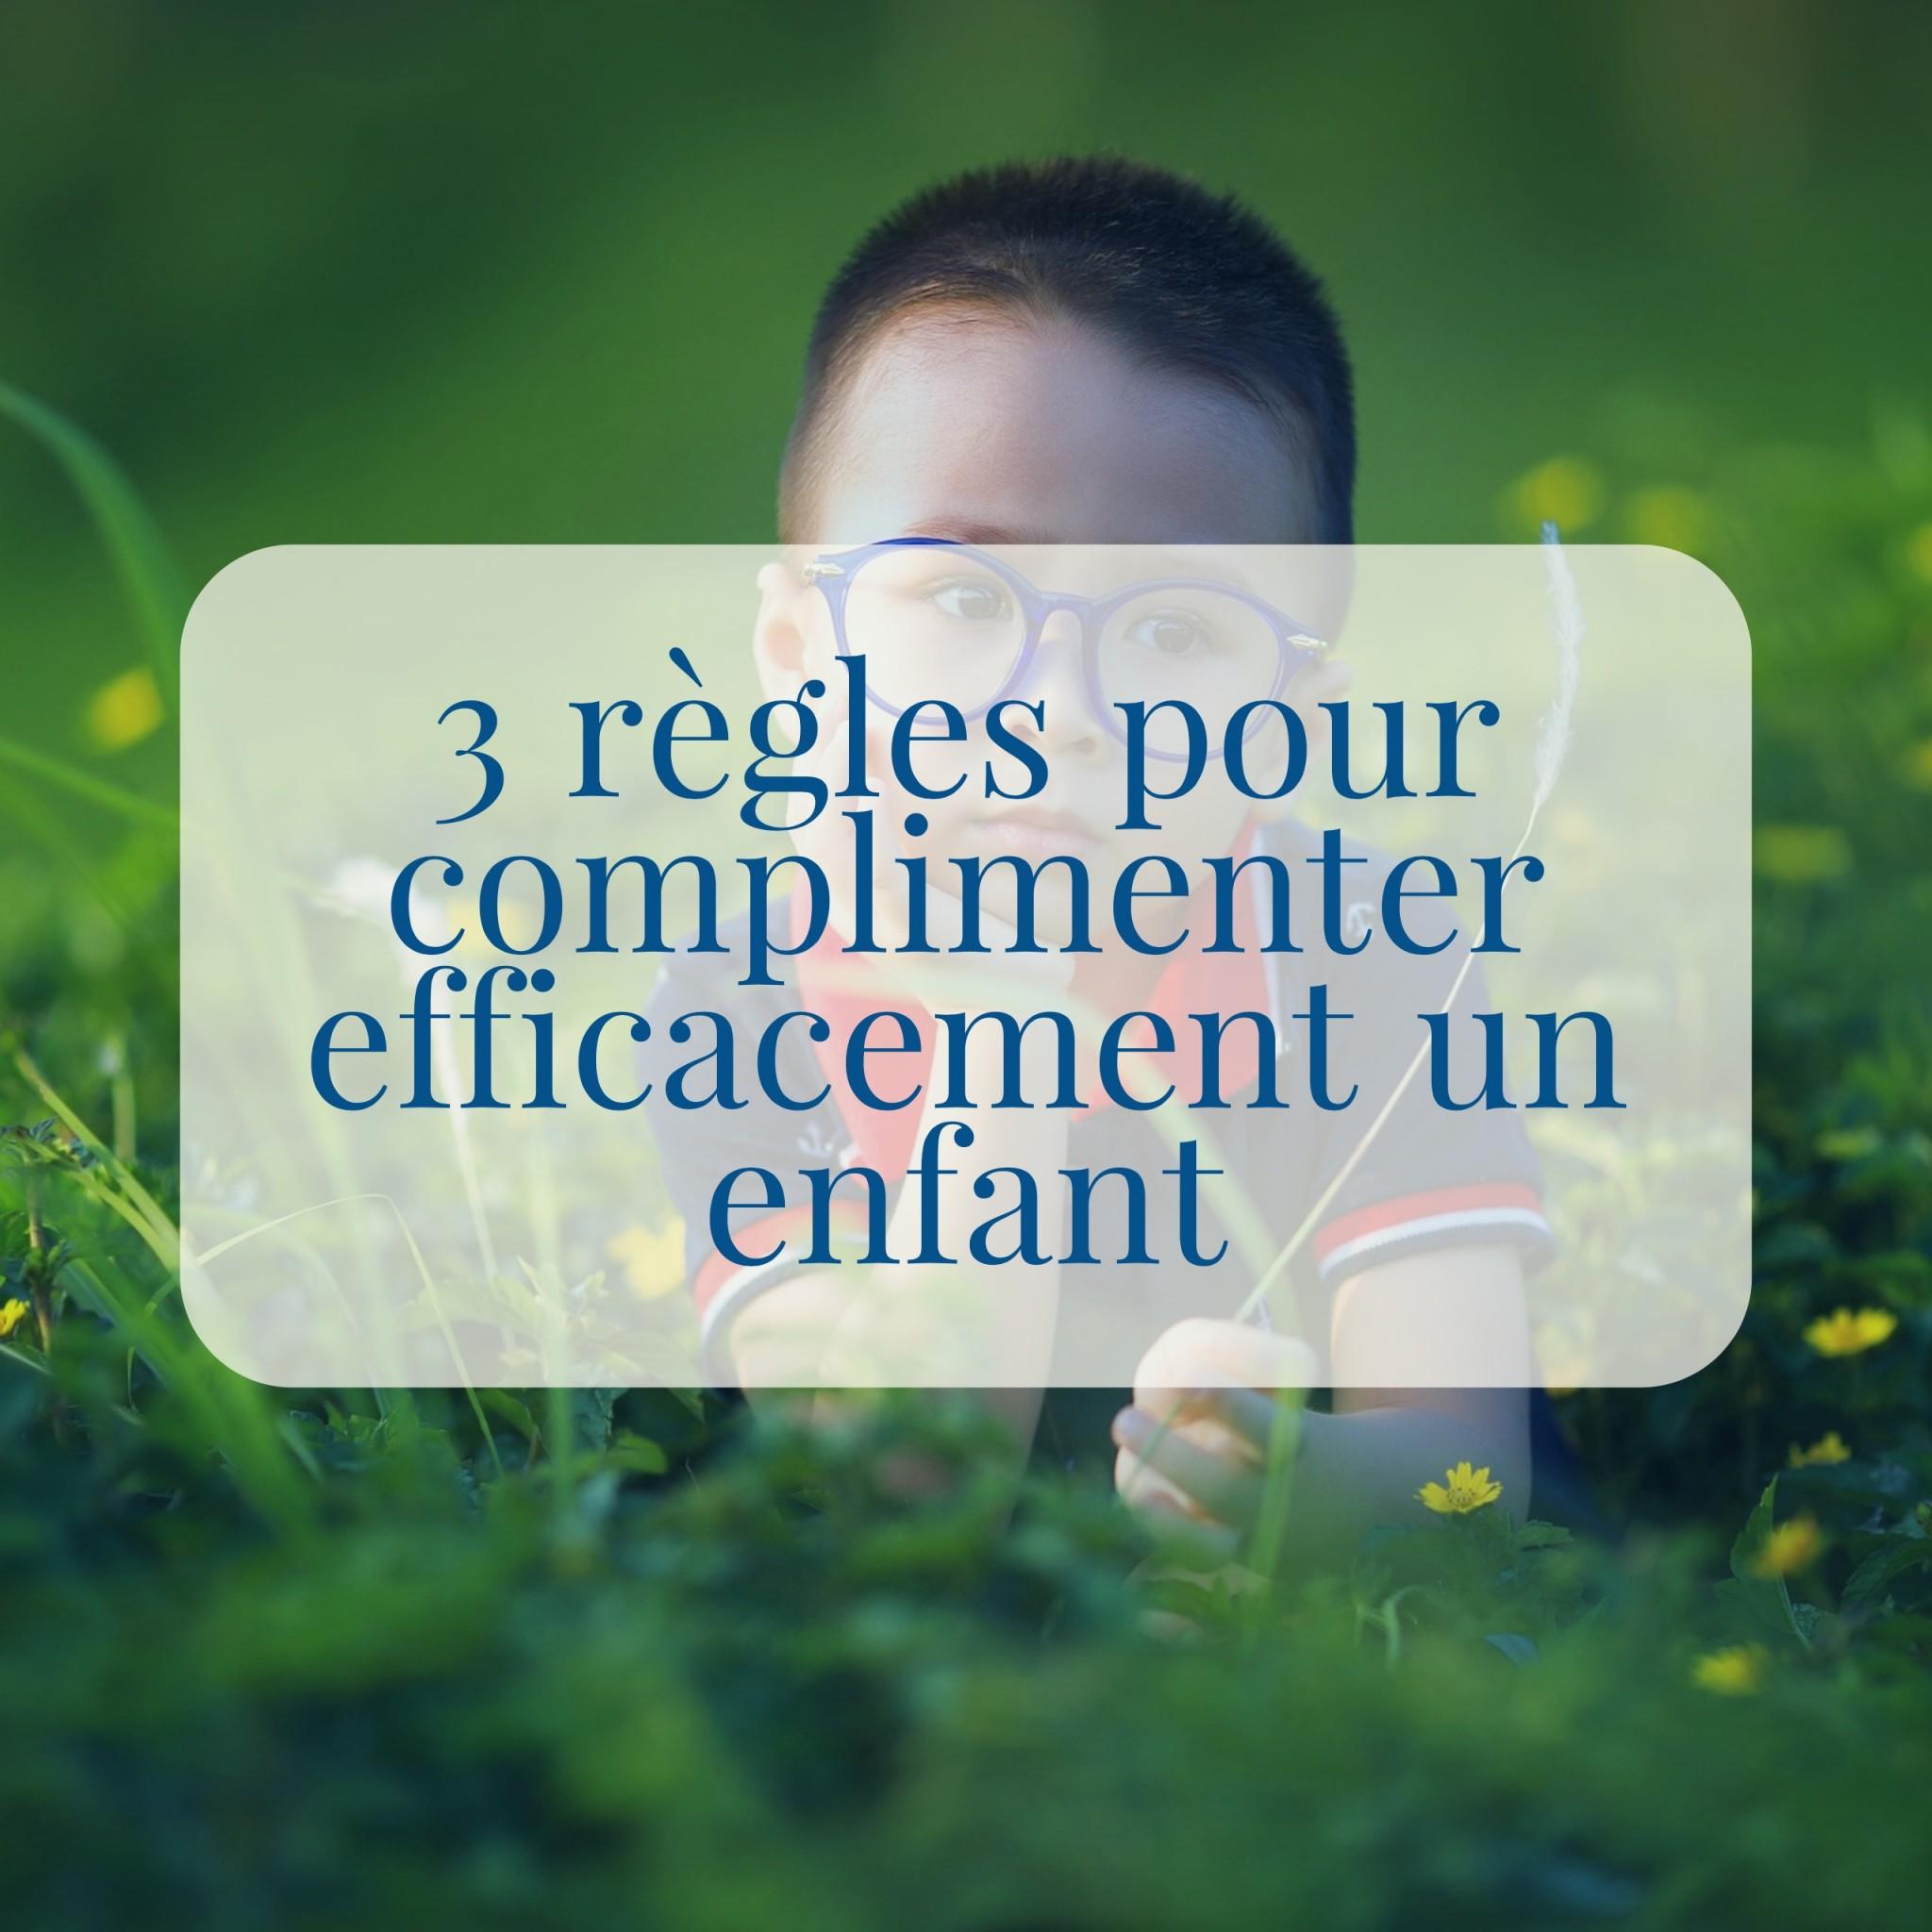 3 règles pour complimenter efficacement un enfant